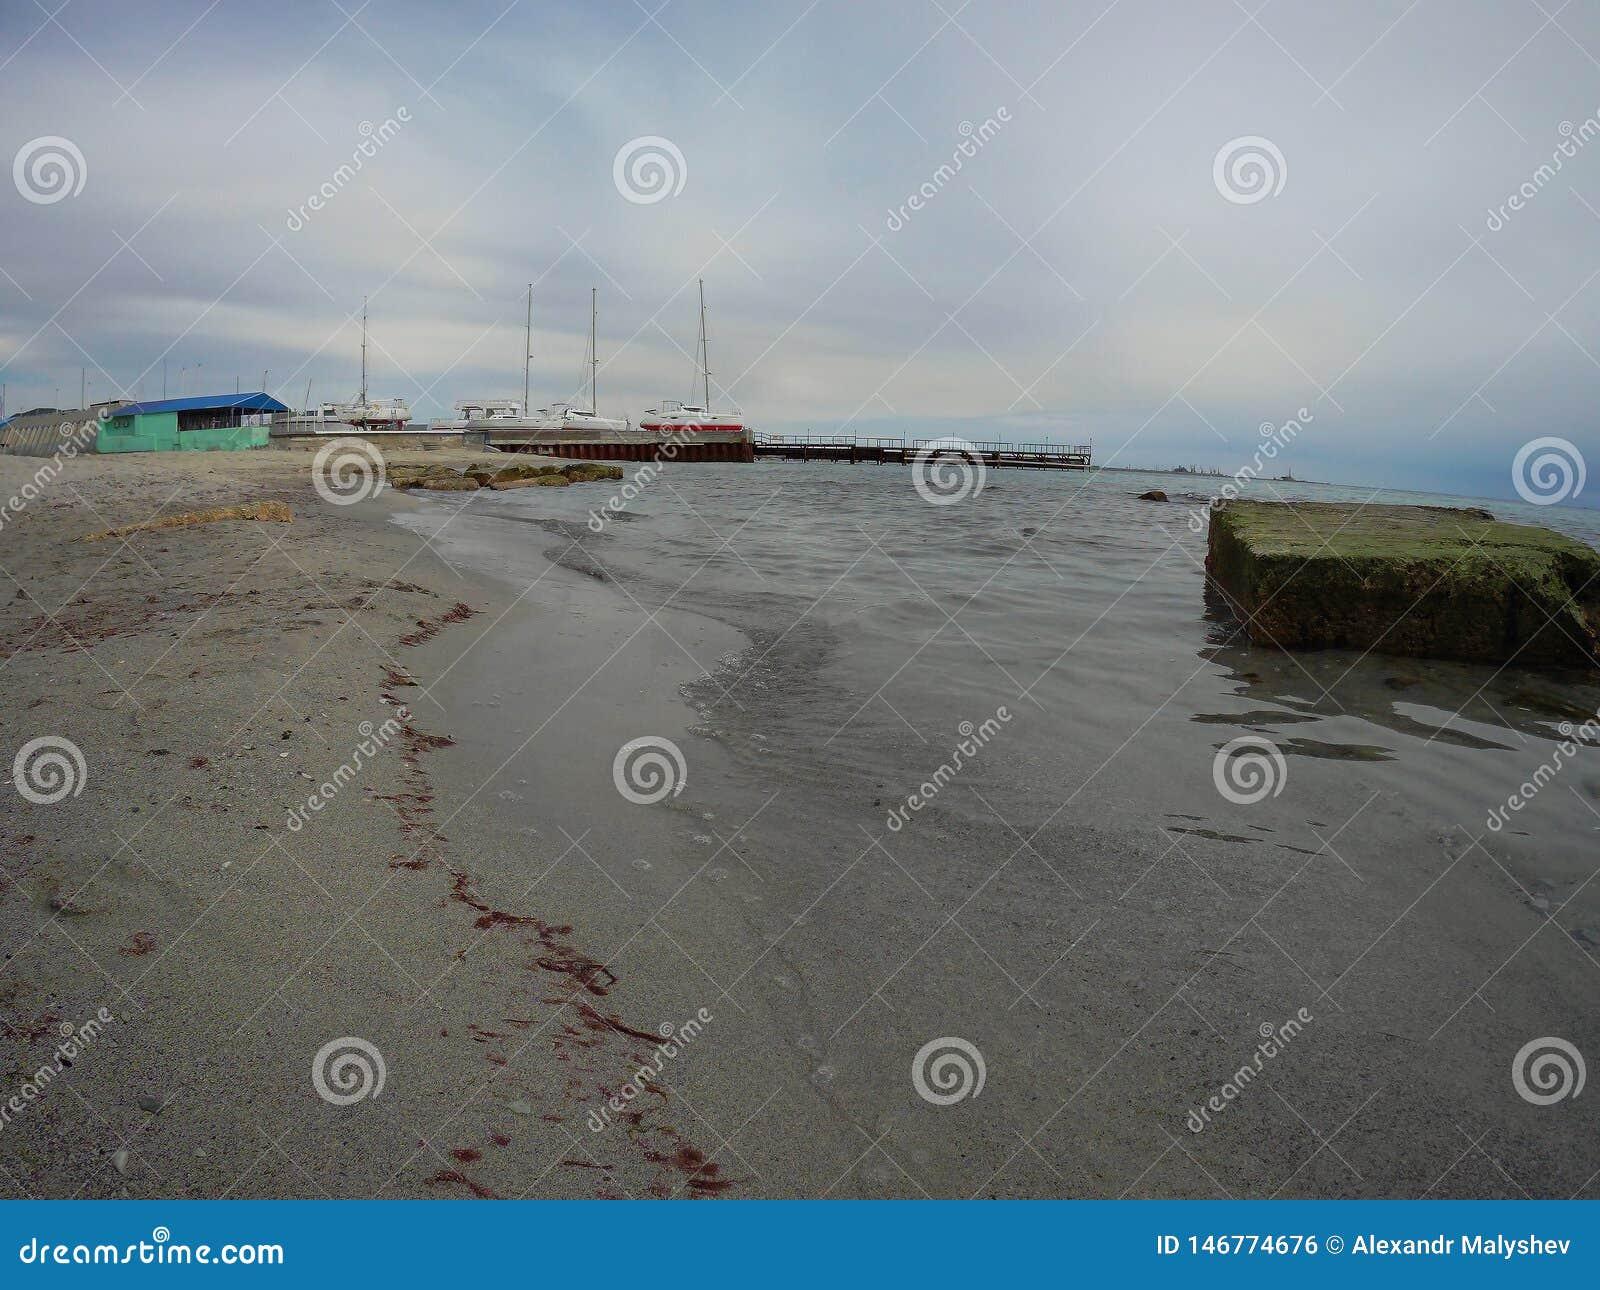 Sandy coast of the Caspian Sea